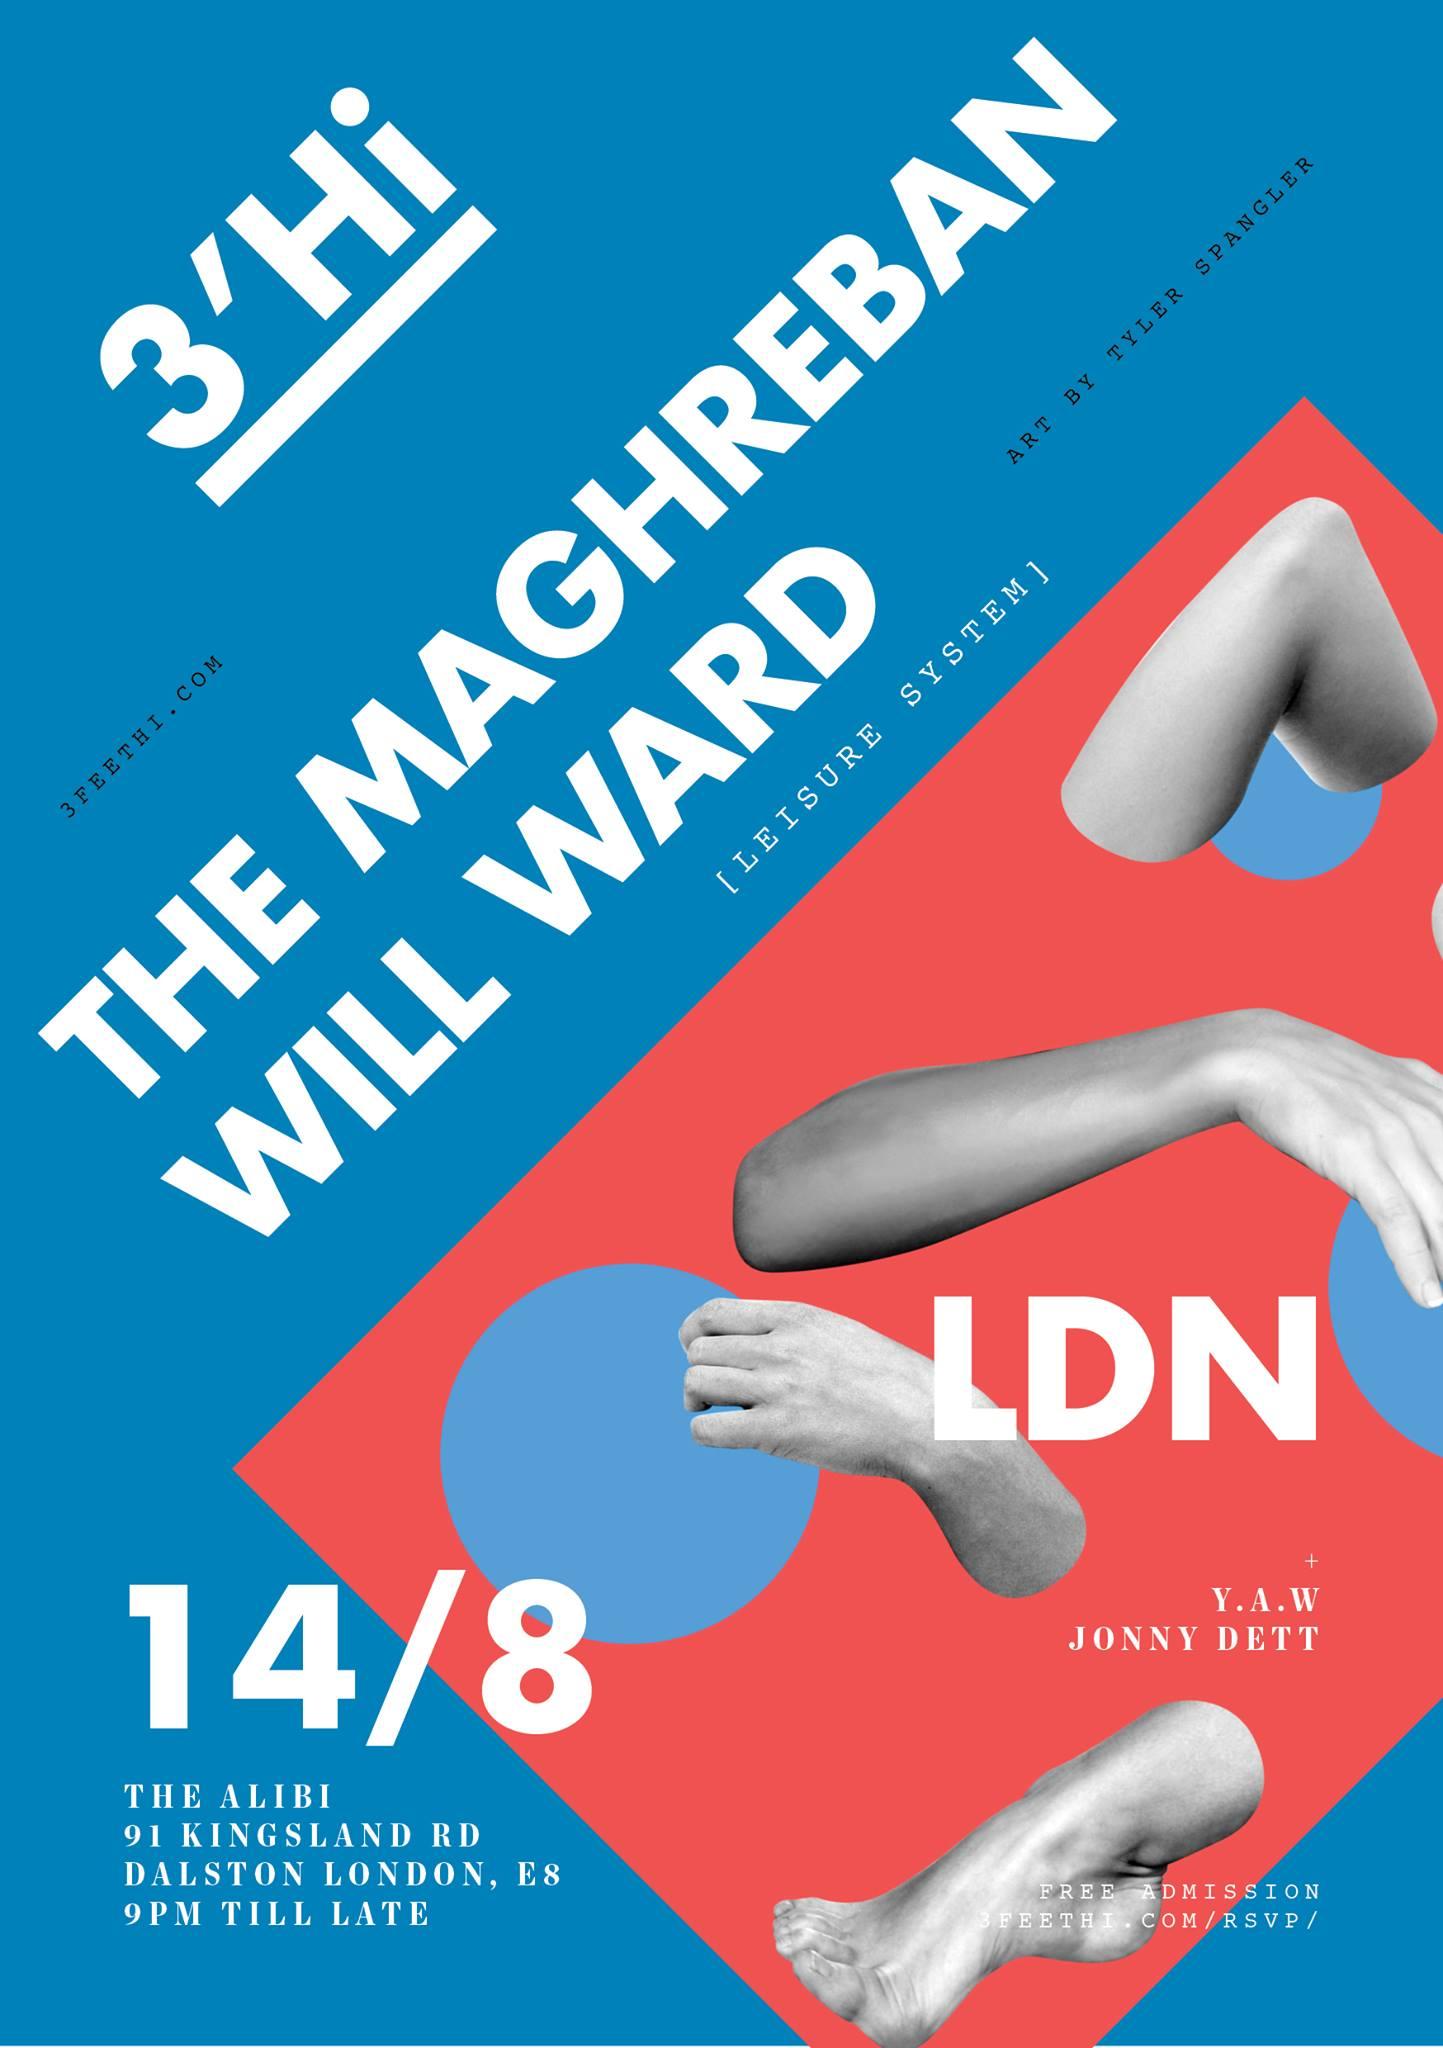 3'Hi x The Maghreban x Will Ward.jpg